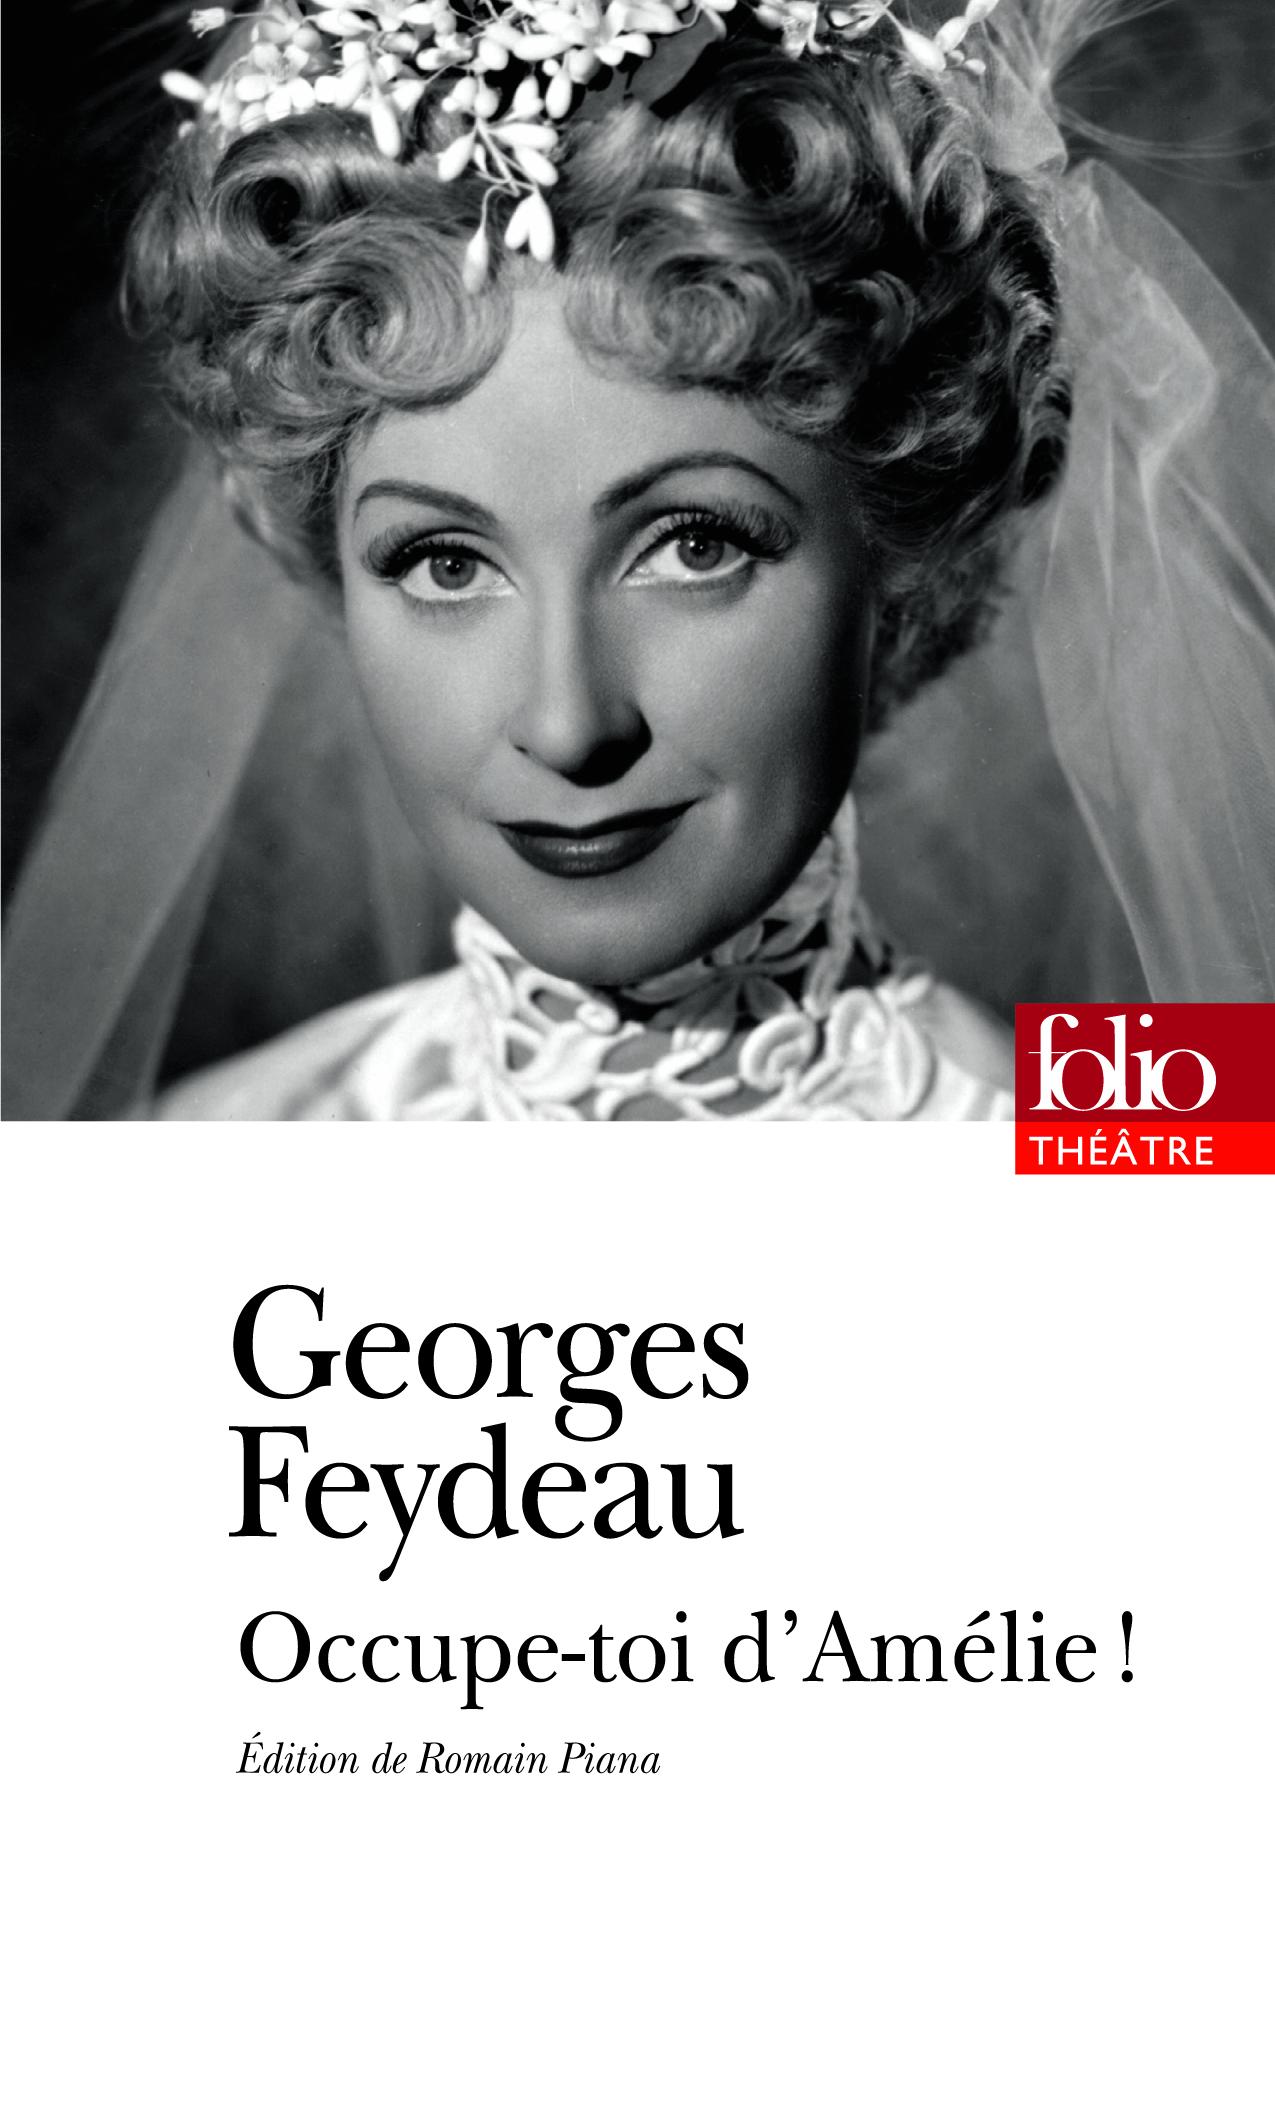 G. Feydeau, Occupe-toi d'Amélie